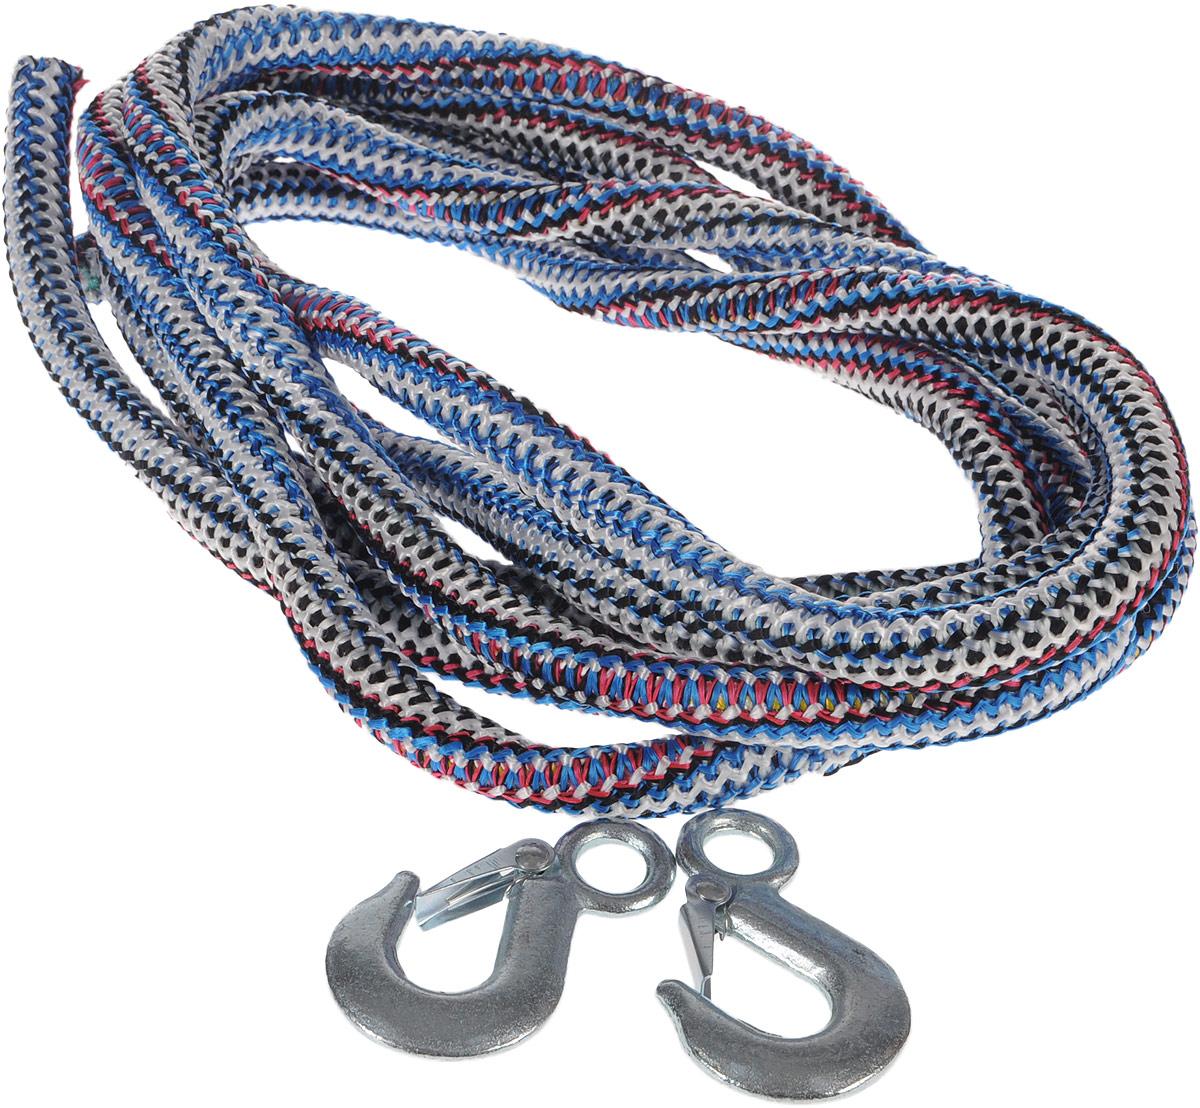 Трос буксировочный Skyway, веревочный, с 2 крюками, 12 т, 5 м. S03101011S03101011_белый, синий,красный,черныйБуксировочный трос Skyway представляет собой веревку из сверхпрочной полипропиленовой нити с двумя металлическими крюками. Специальное плетение веревки обеспечивает эластичность троса и плавный старт автомобиля при буксировке. На протяжении всего срока службы не меняет свои линейные размеры. Трос морозостойкий и влагостойкий. Длина троса соответствует ПДД РФ. Максимальная нагрузка: 12 т. Длина троса: 5 м